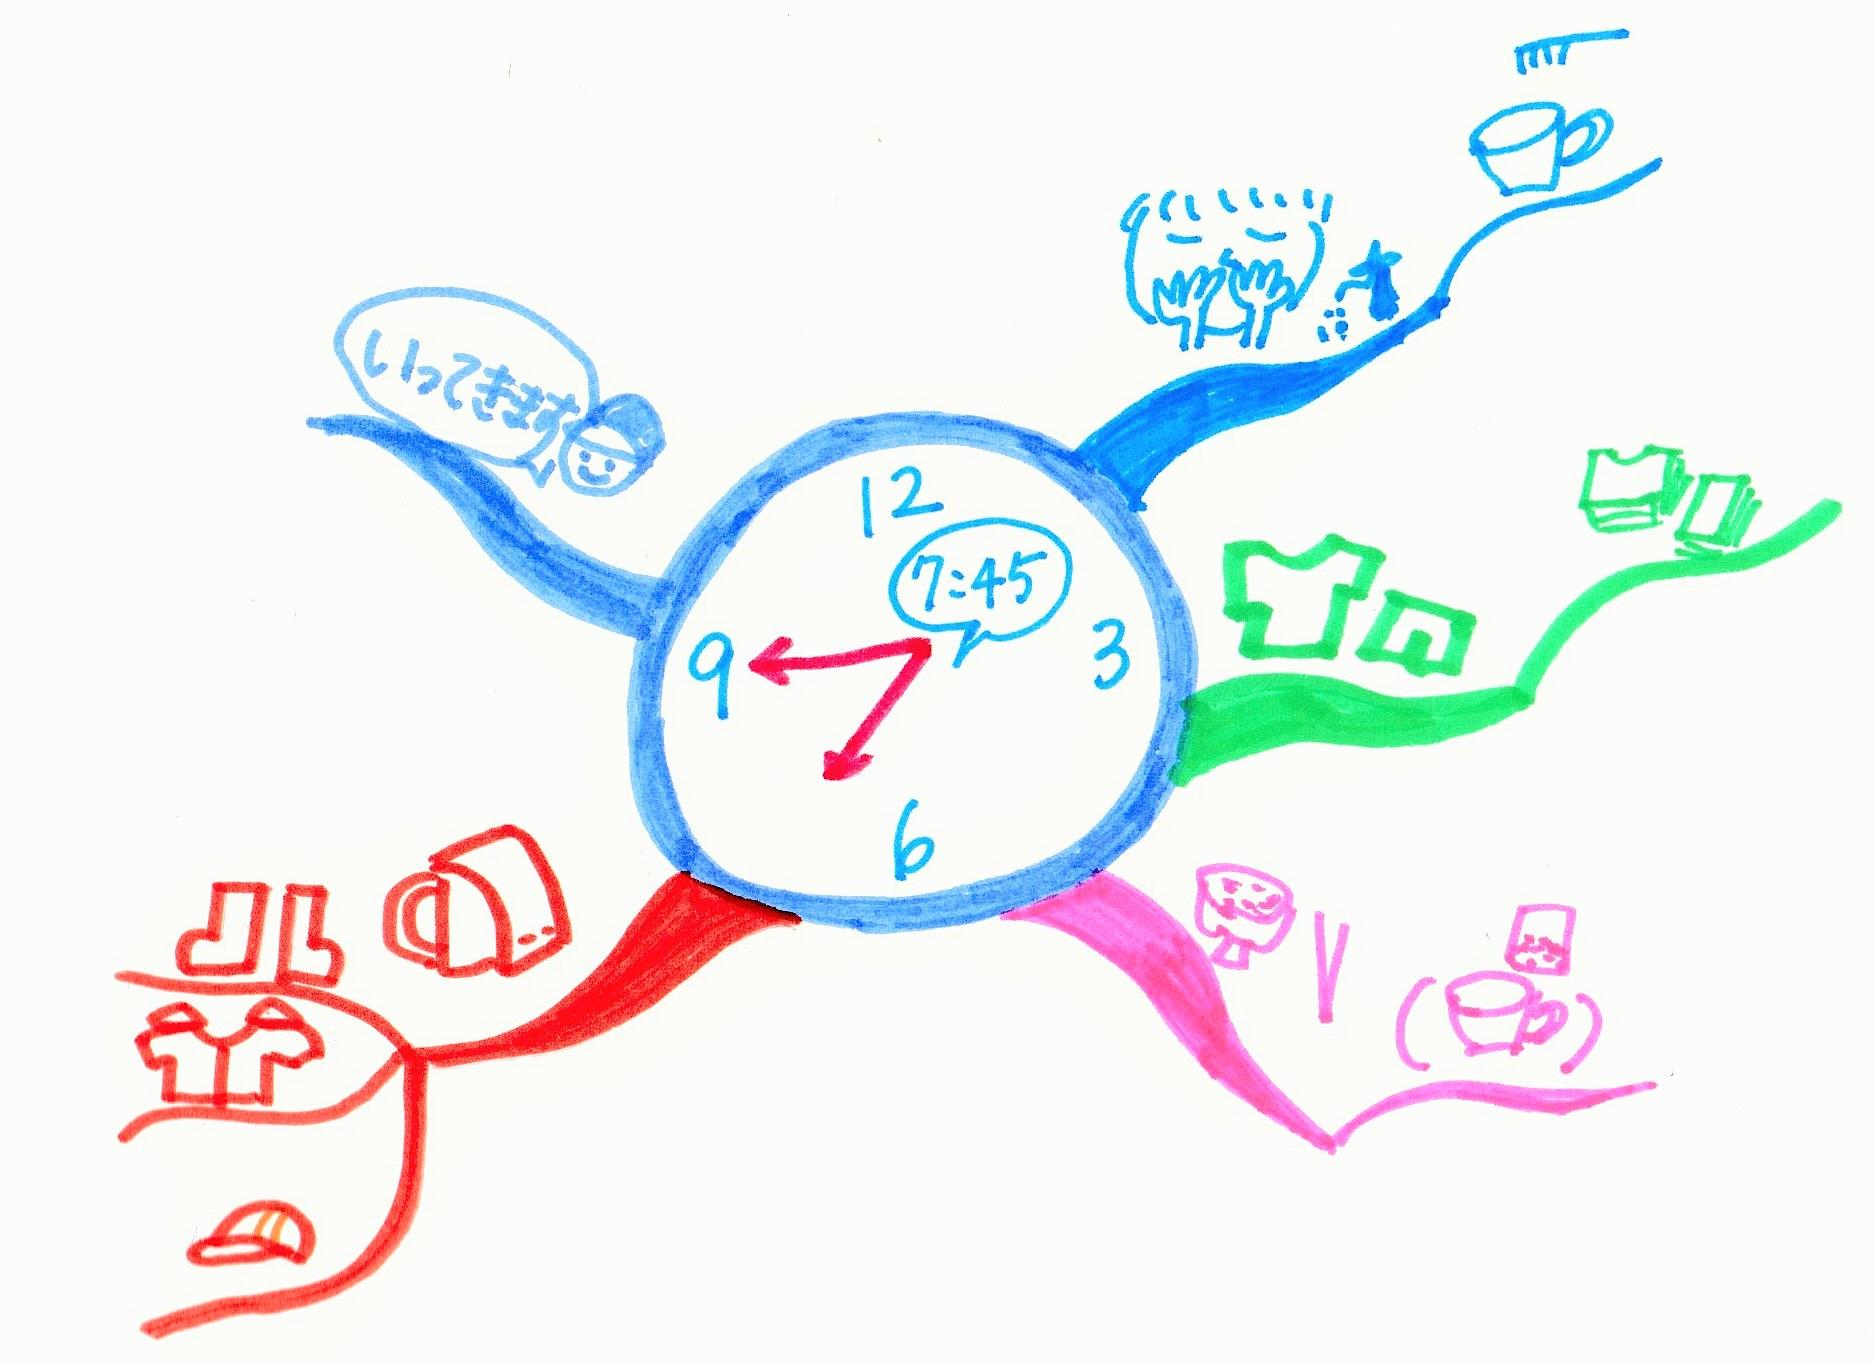 マインドマップで考える力を育てたい!